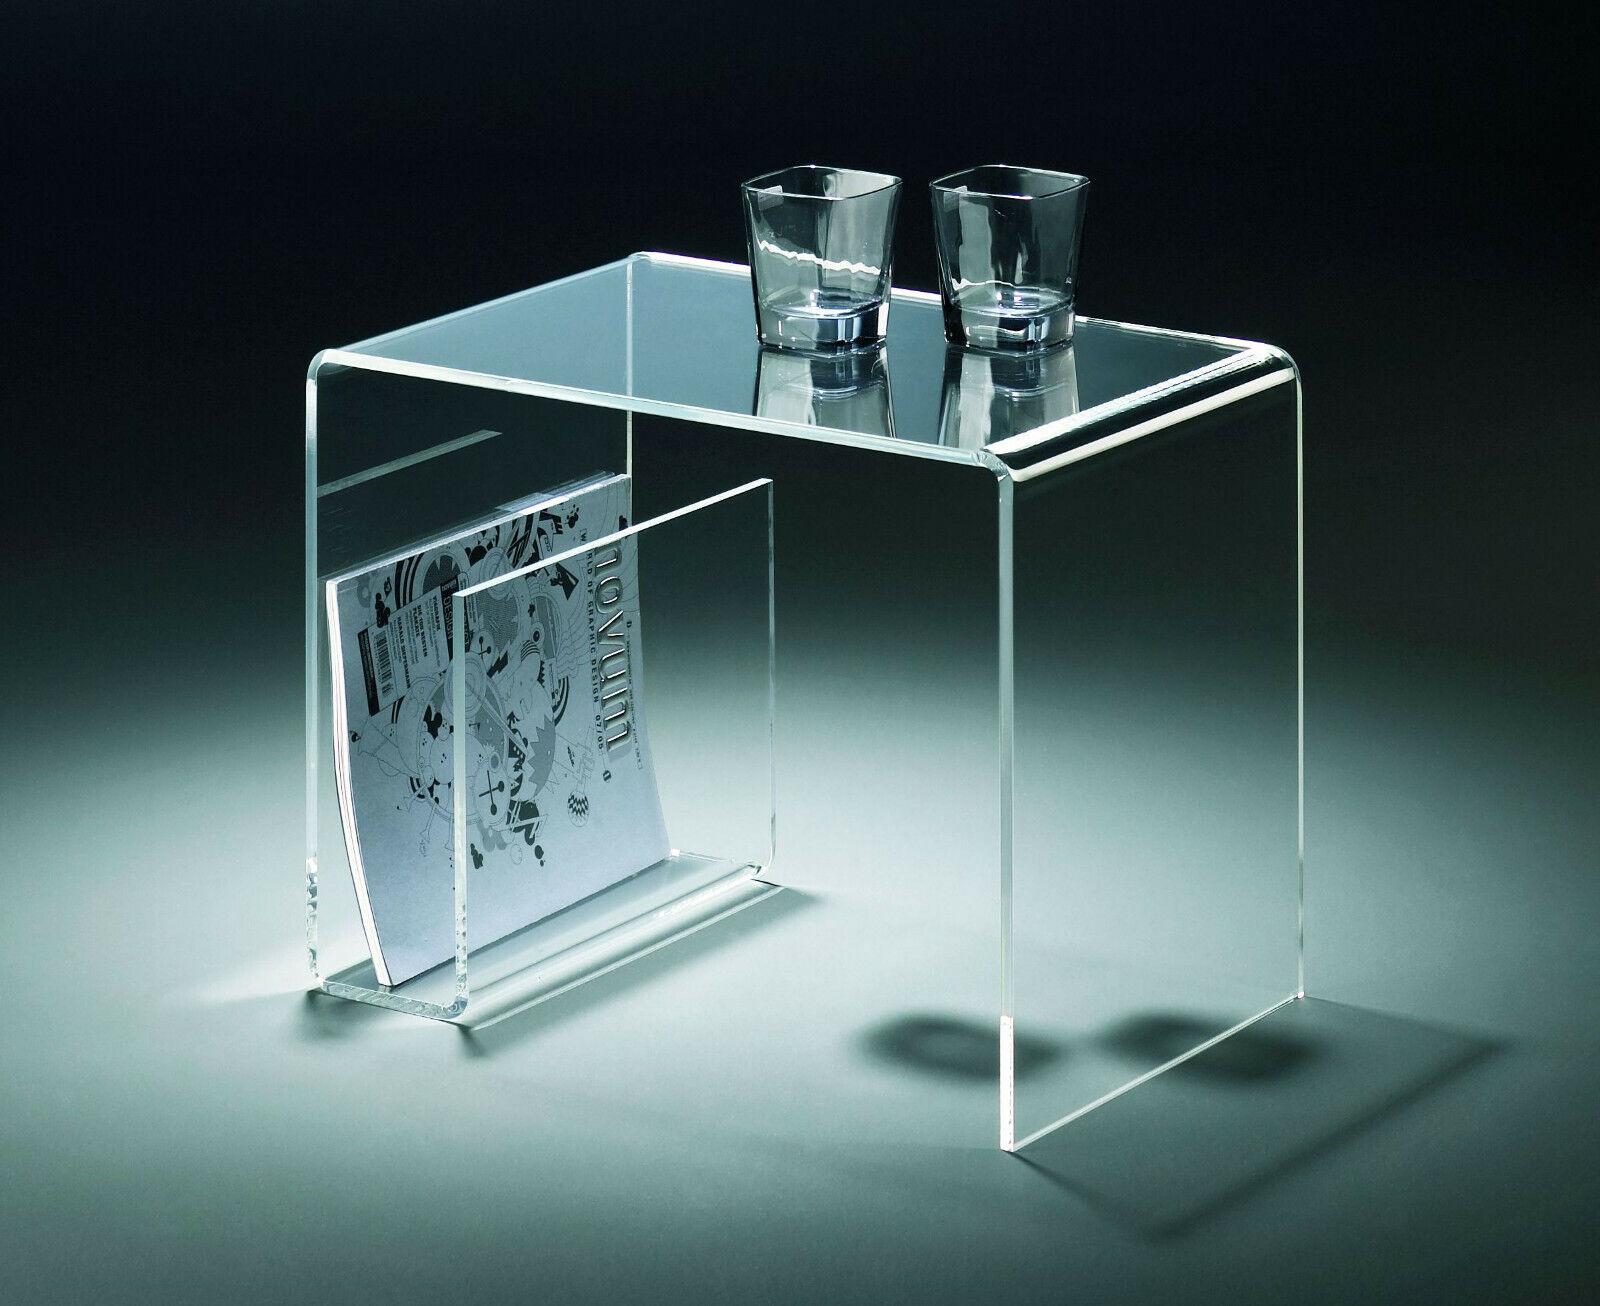 Beistelltisch oder Multifunktionstisch aus Acrylglas klar - transparent